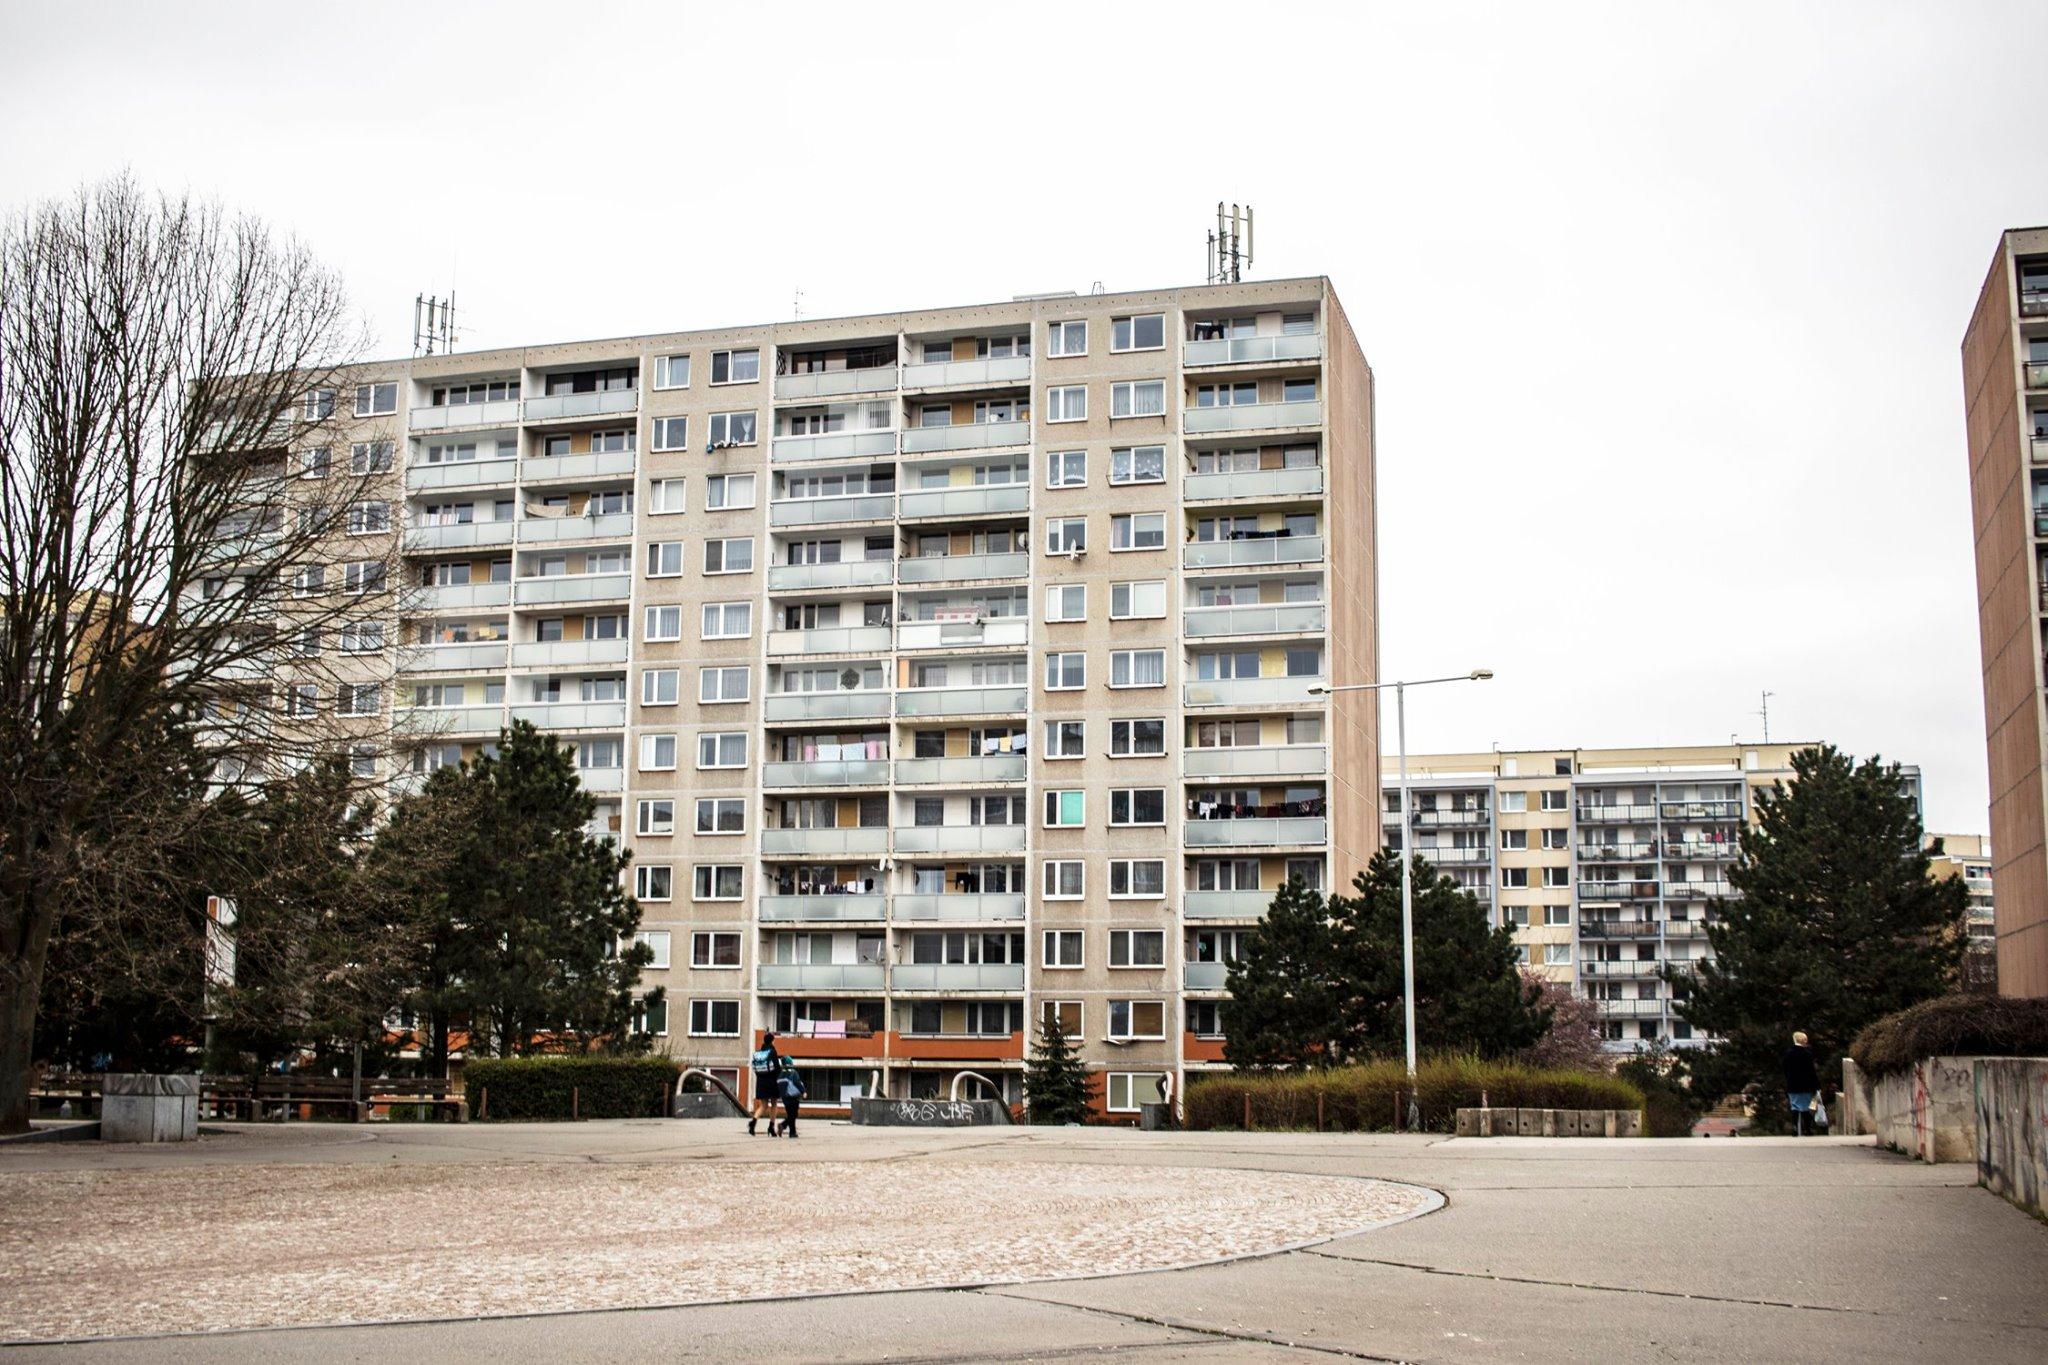 Vývoj bytového fondu hl. m. Prahy aneb divoké devadesátky